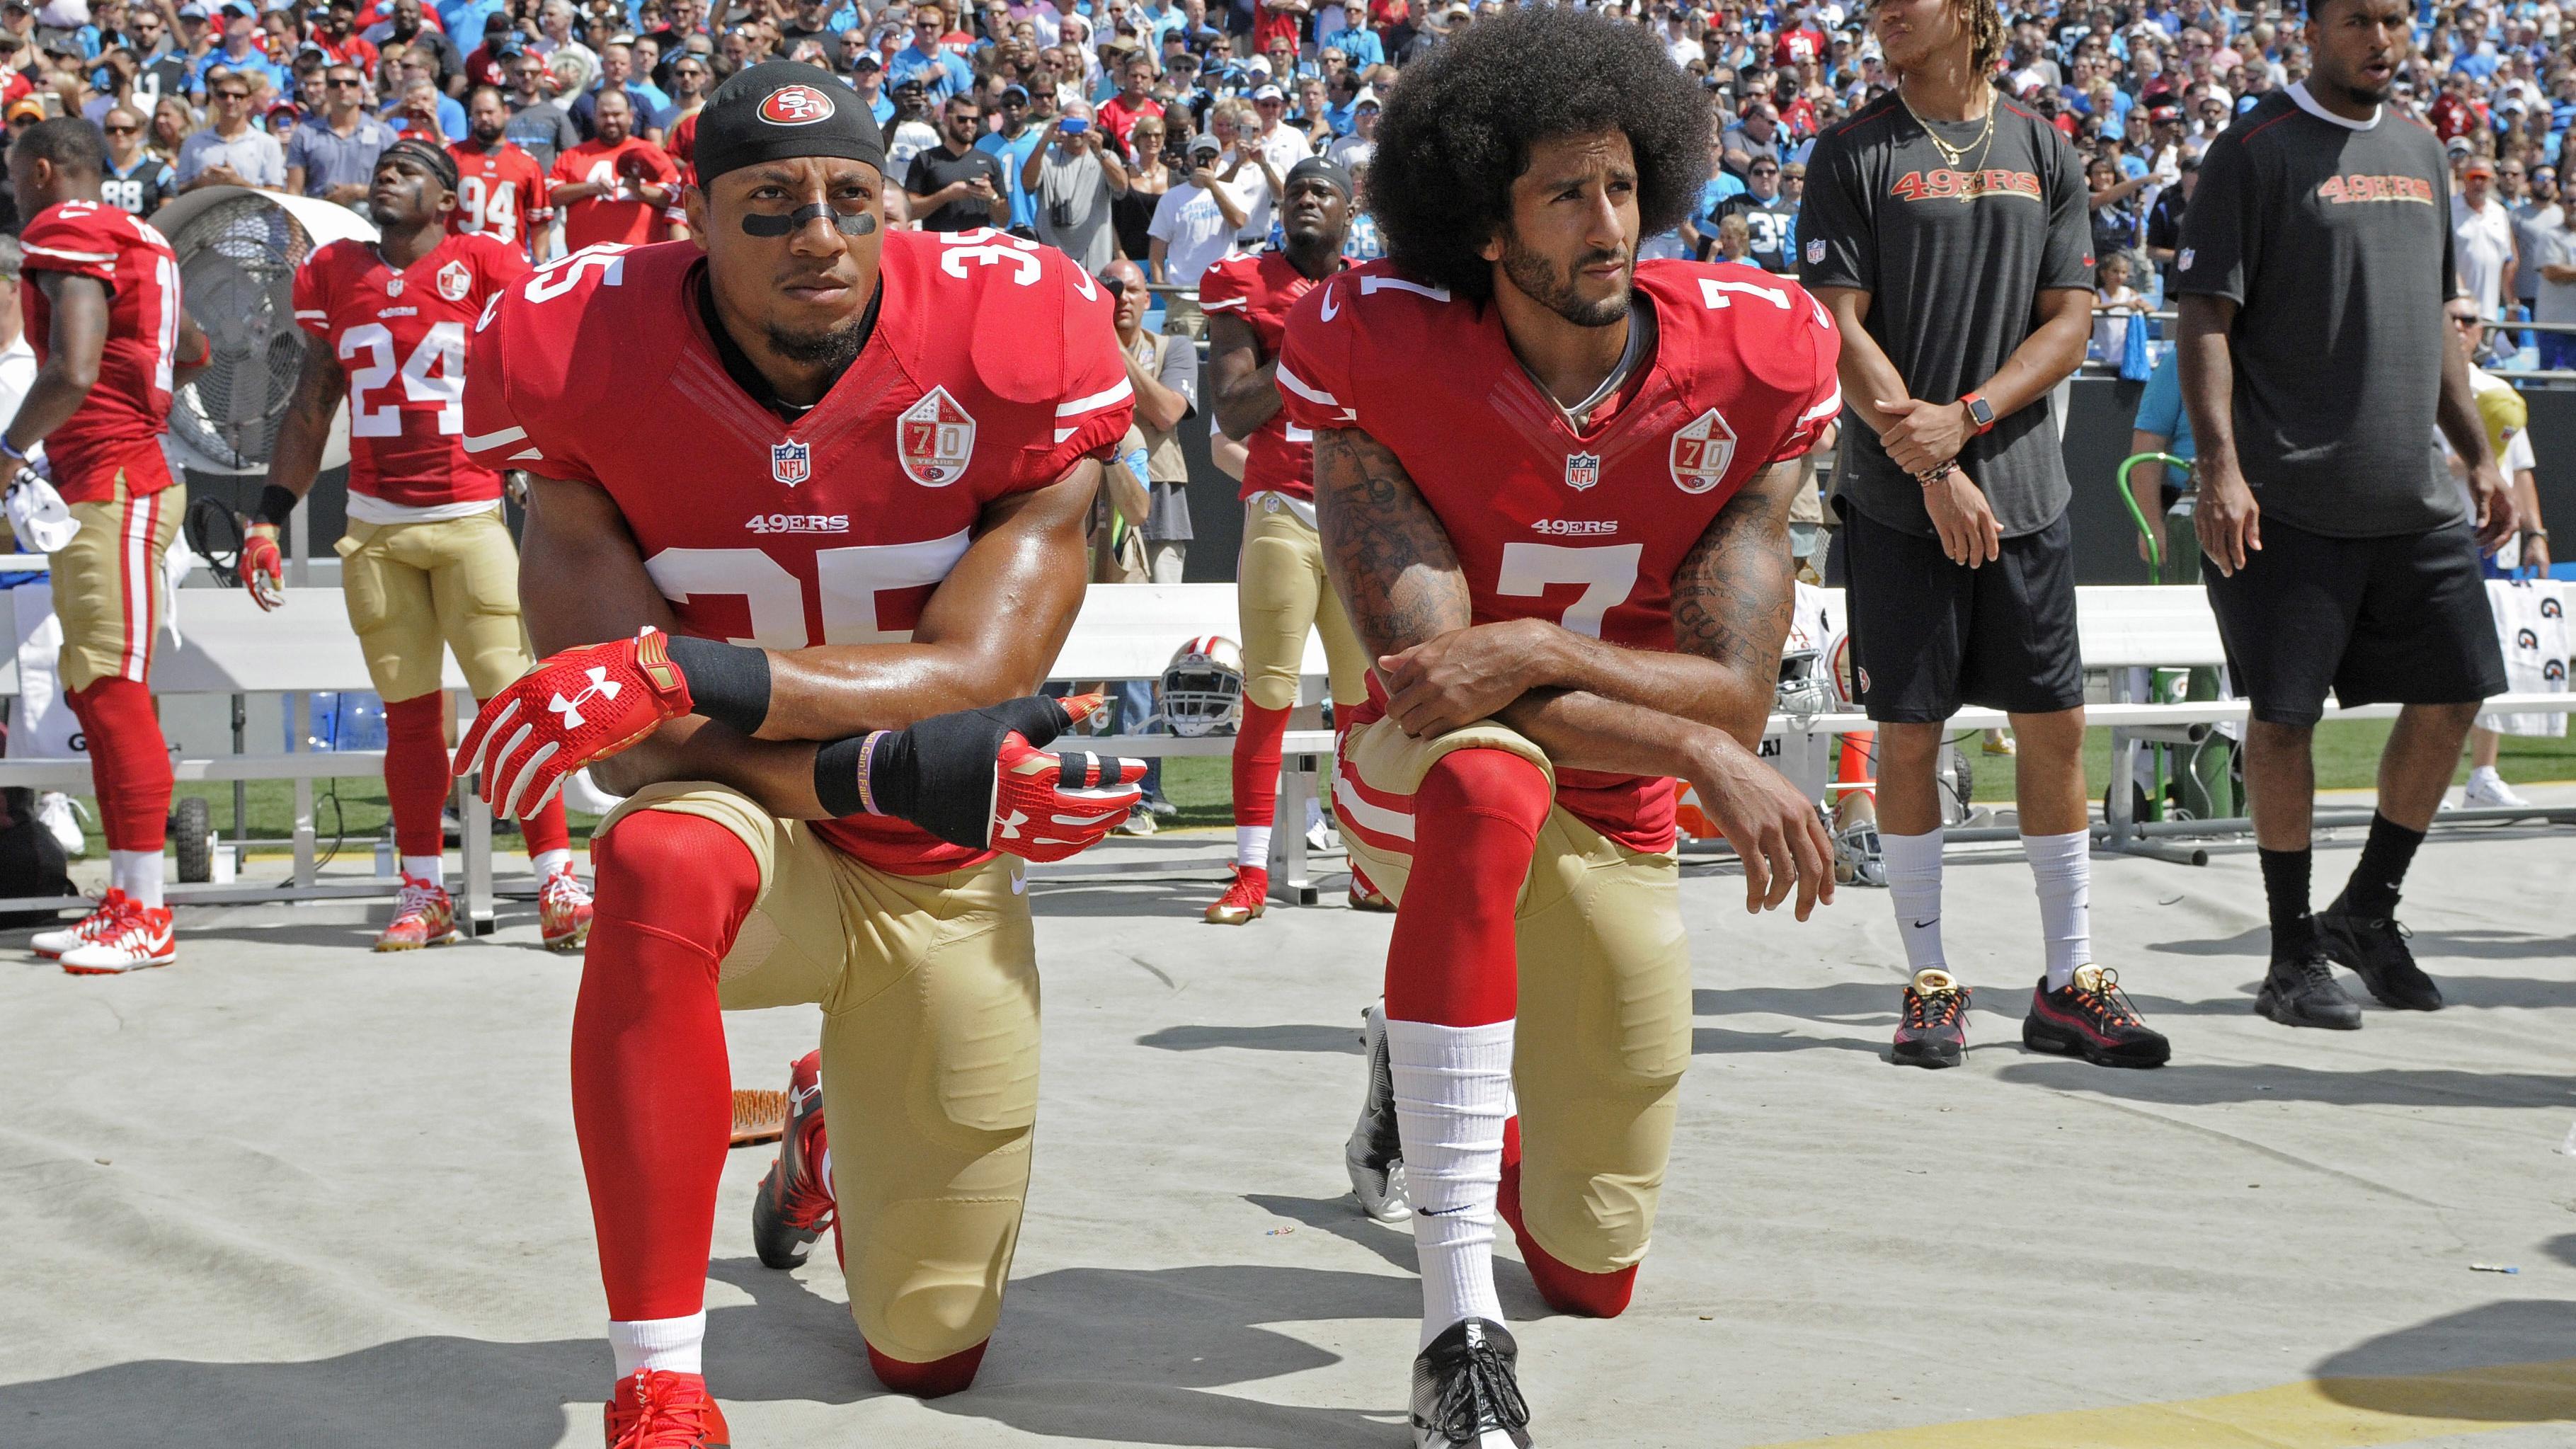 Colin Kaepernick (7) y Eric Reid, de los 49ers de San Francisco, se arrodillan durante la interpretación del himno nacional,antes de un partido de la NFL, frente a los Panthers de Carolina, el domingo 18 de septiembre de 2016 (AP Foto/Mike McCarn)